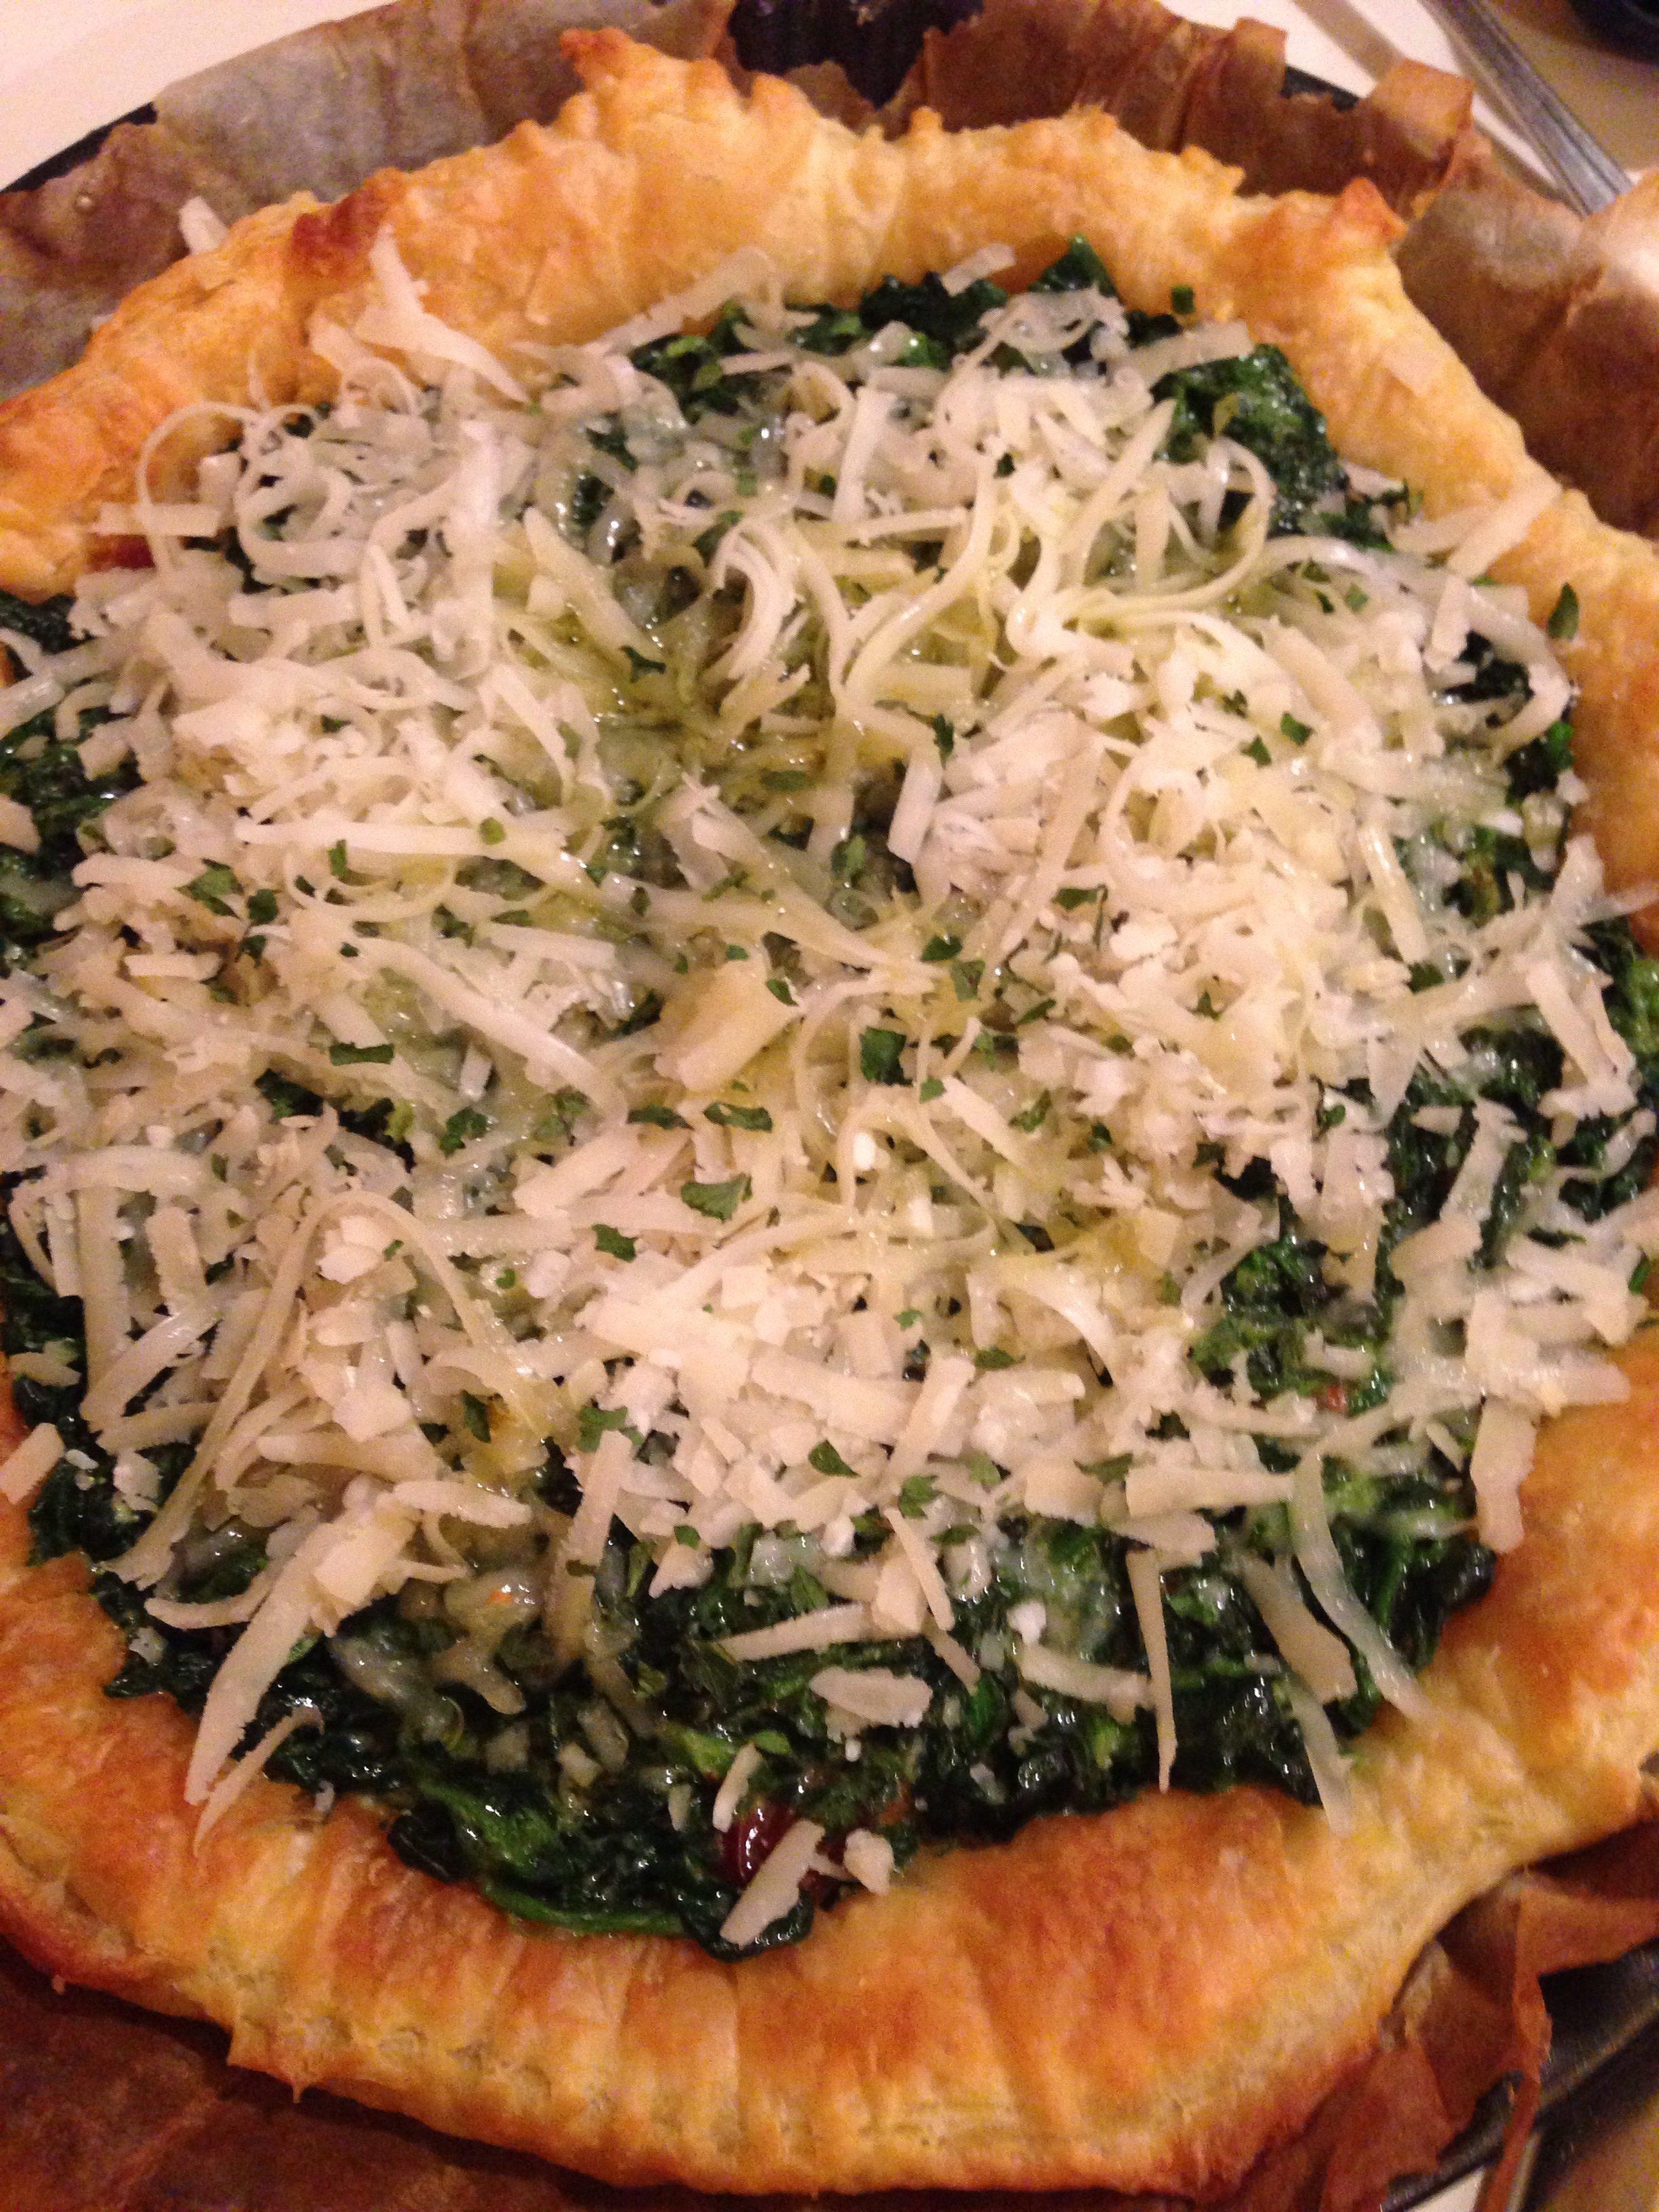 torta salata spinaci e formaggi